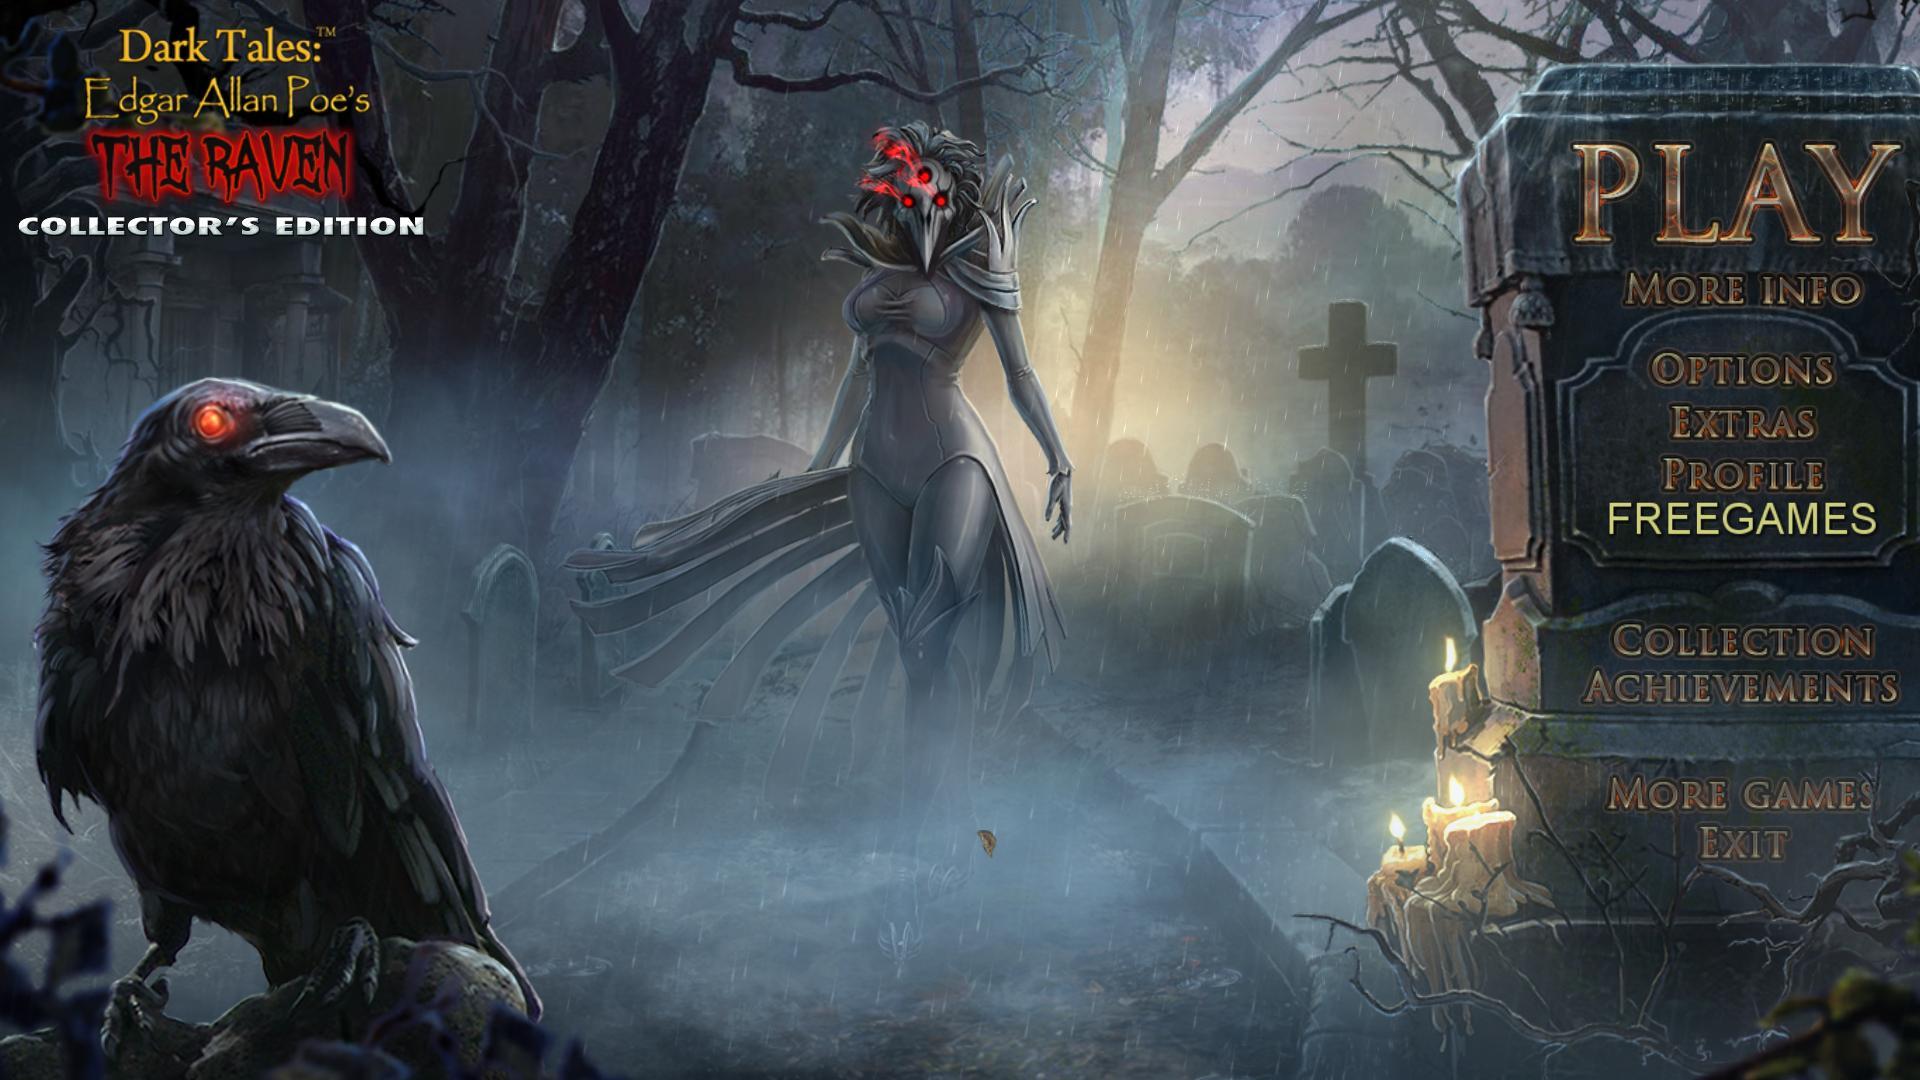 Темные Истории 10: Эдгар Аллан По. Вещий ворон. Коллекционное издание | Dark Tales 10: Edgar Allan Poe's The Raven CE (Rus)